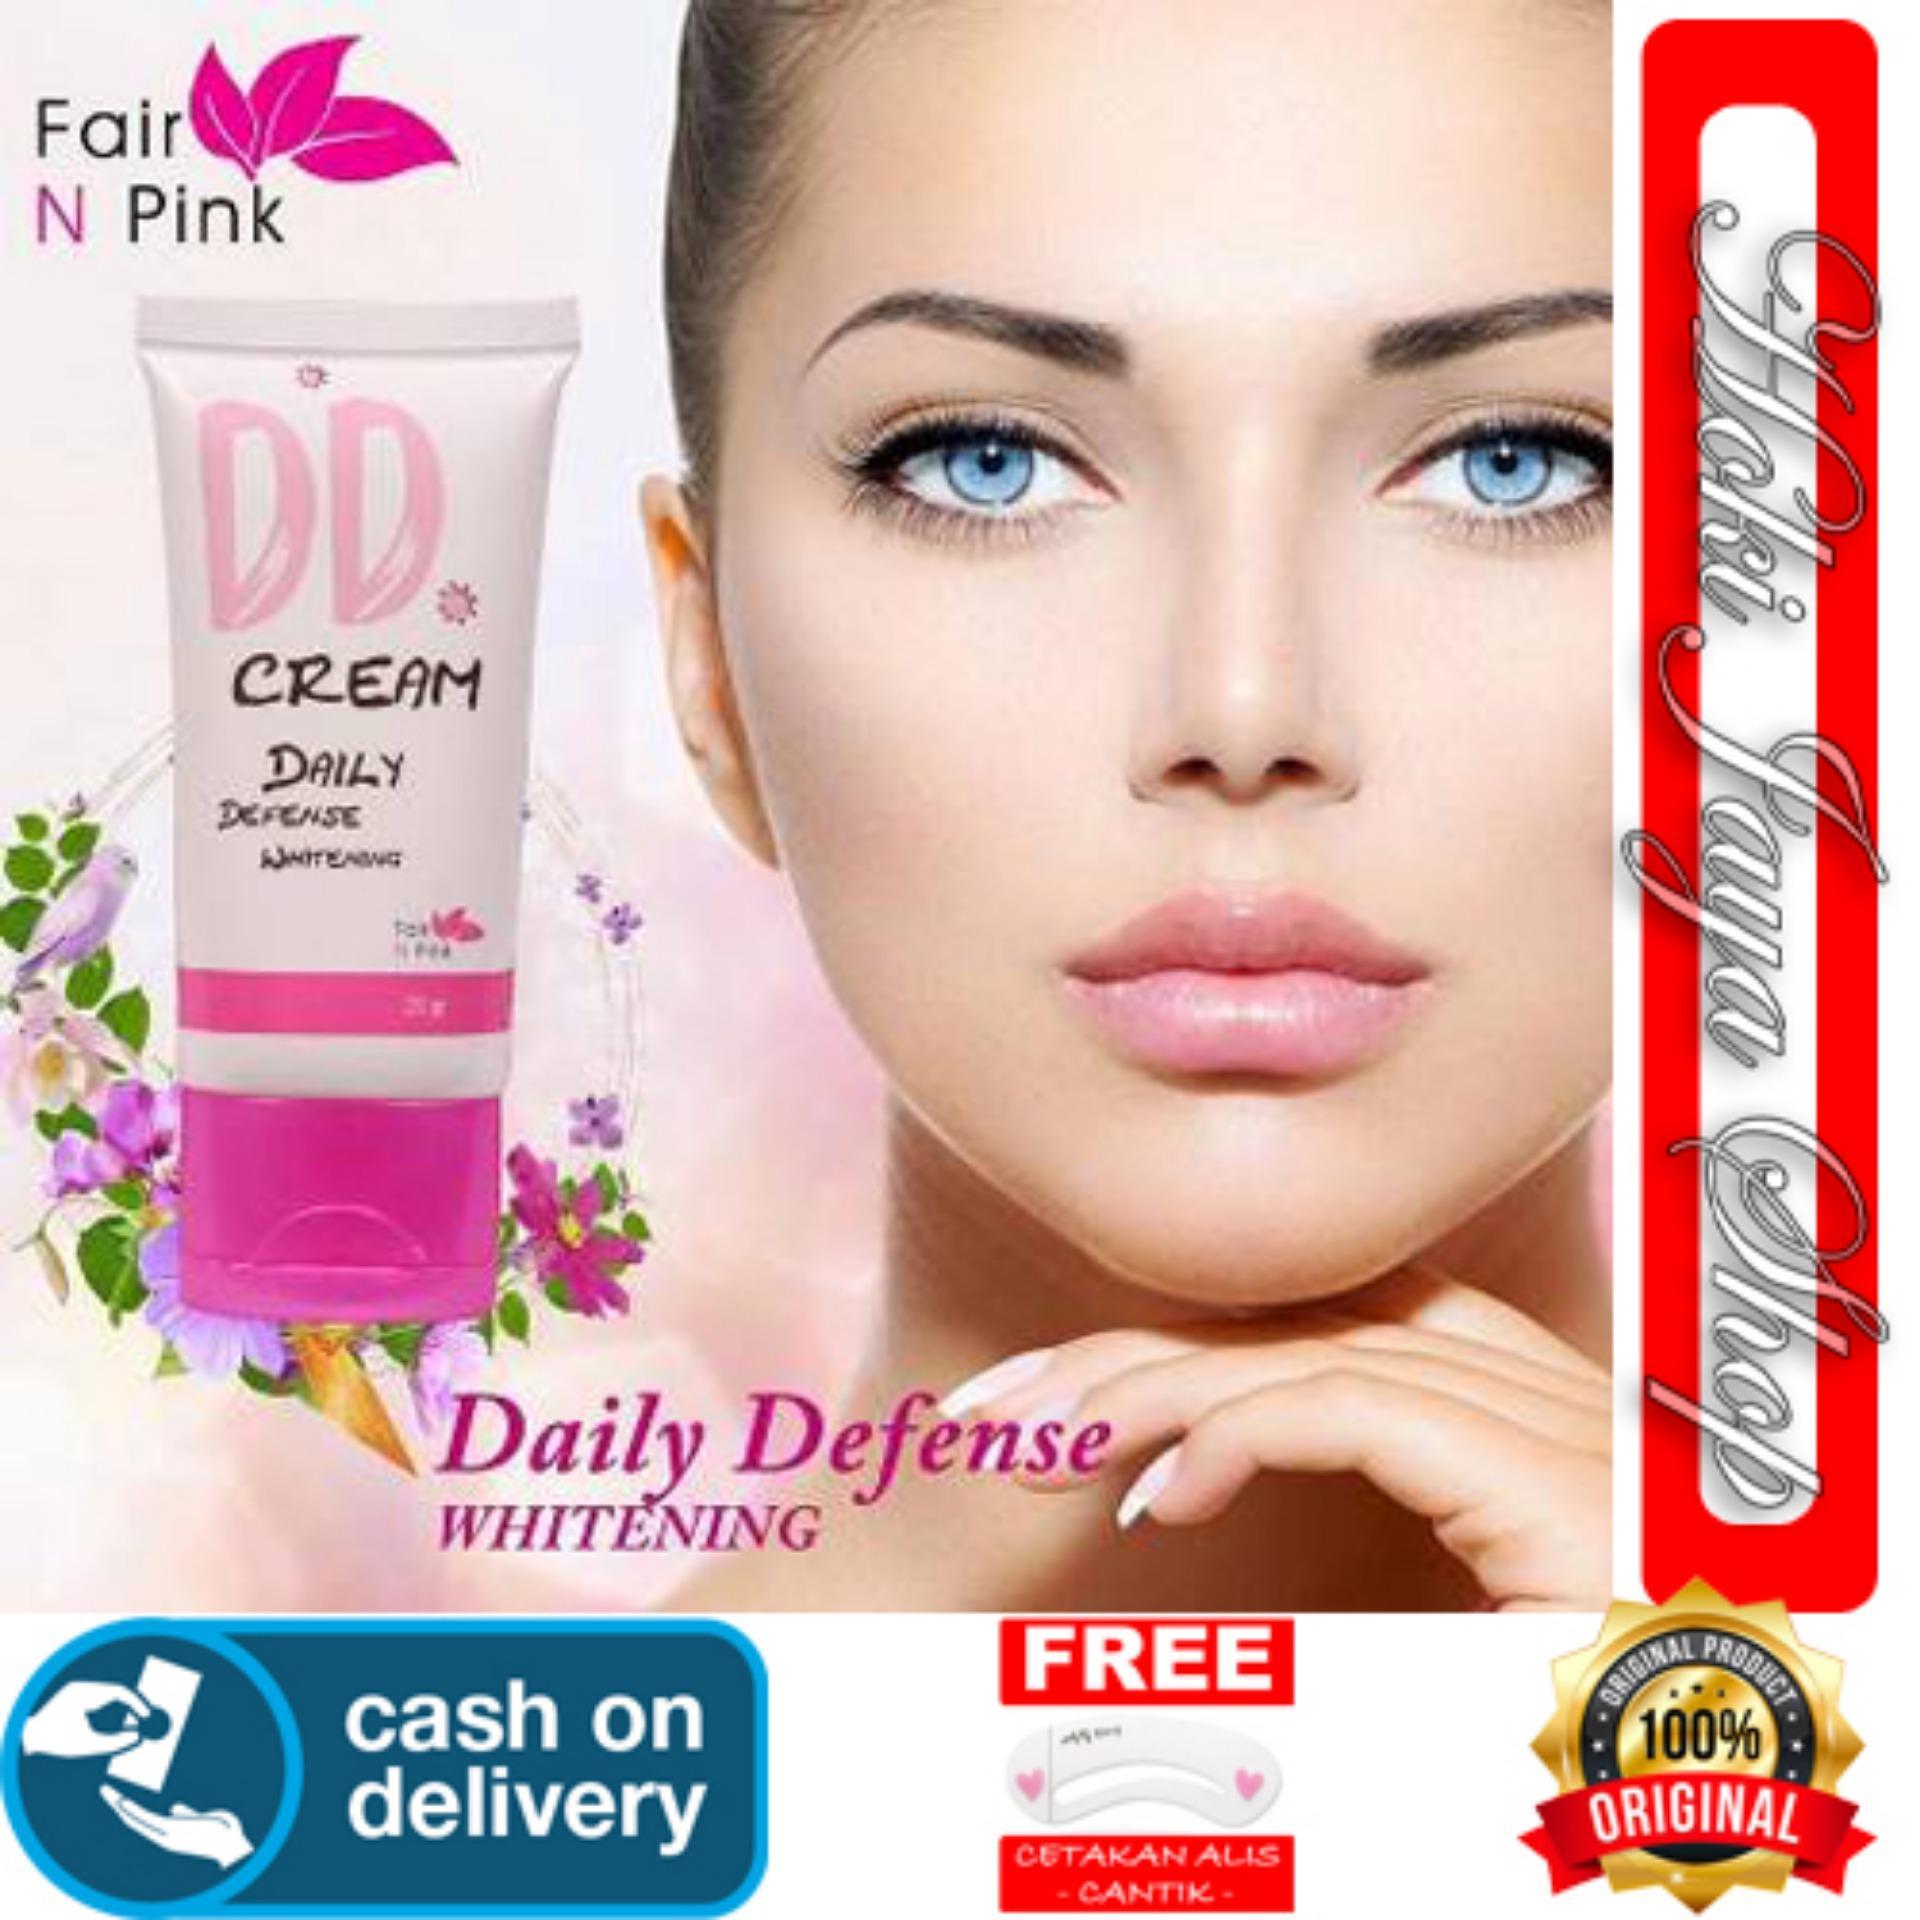 Jual Produk Fair N Pink Terbaru Whitening Body Serum 160ml Original Pemutih Badan Hoki Cod 100 Dd Cream Bpom Gratis Cetak